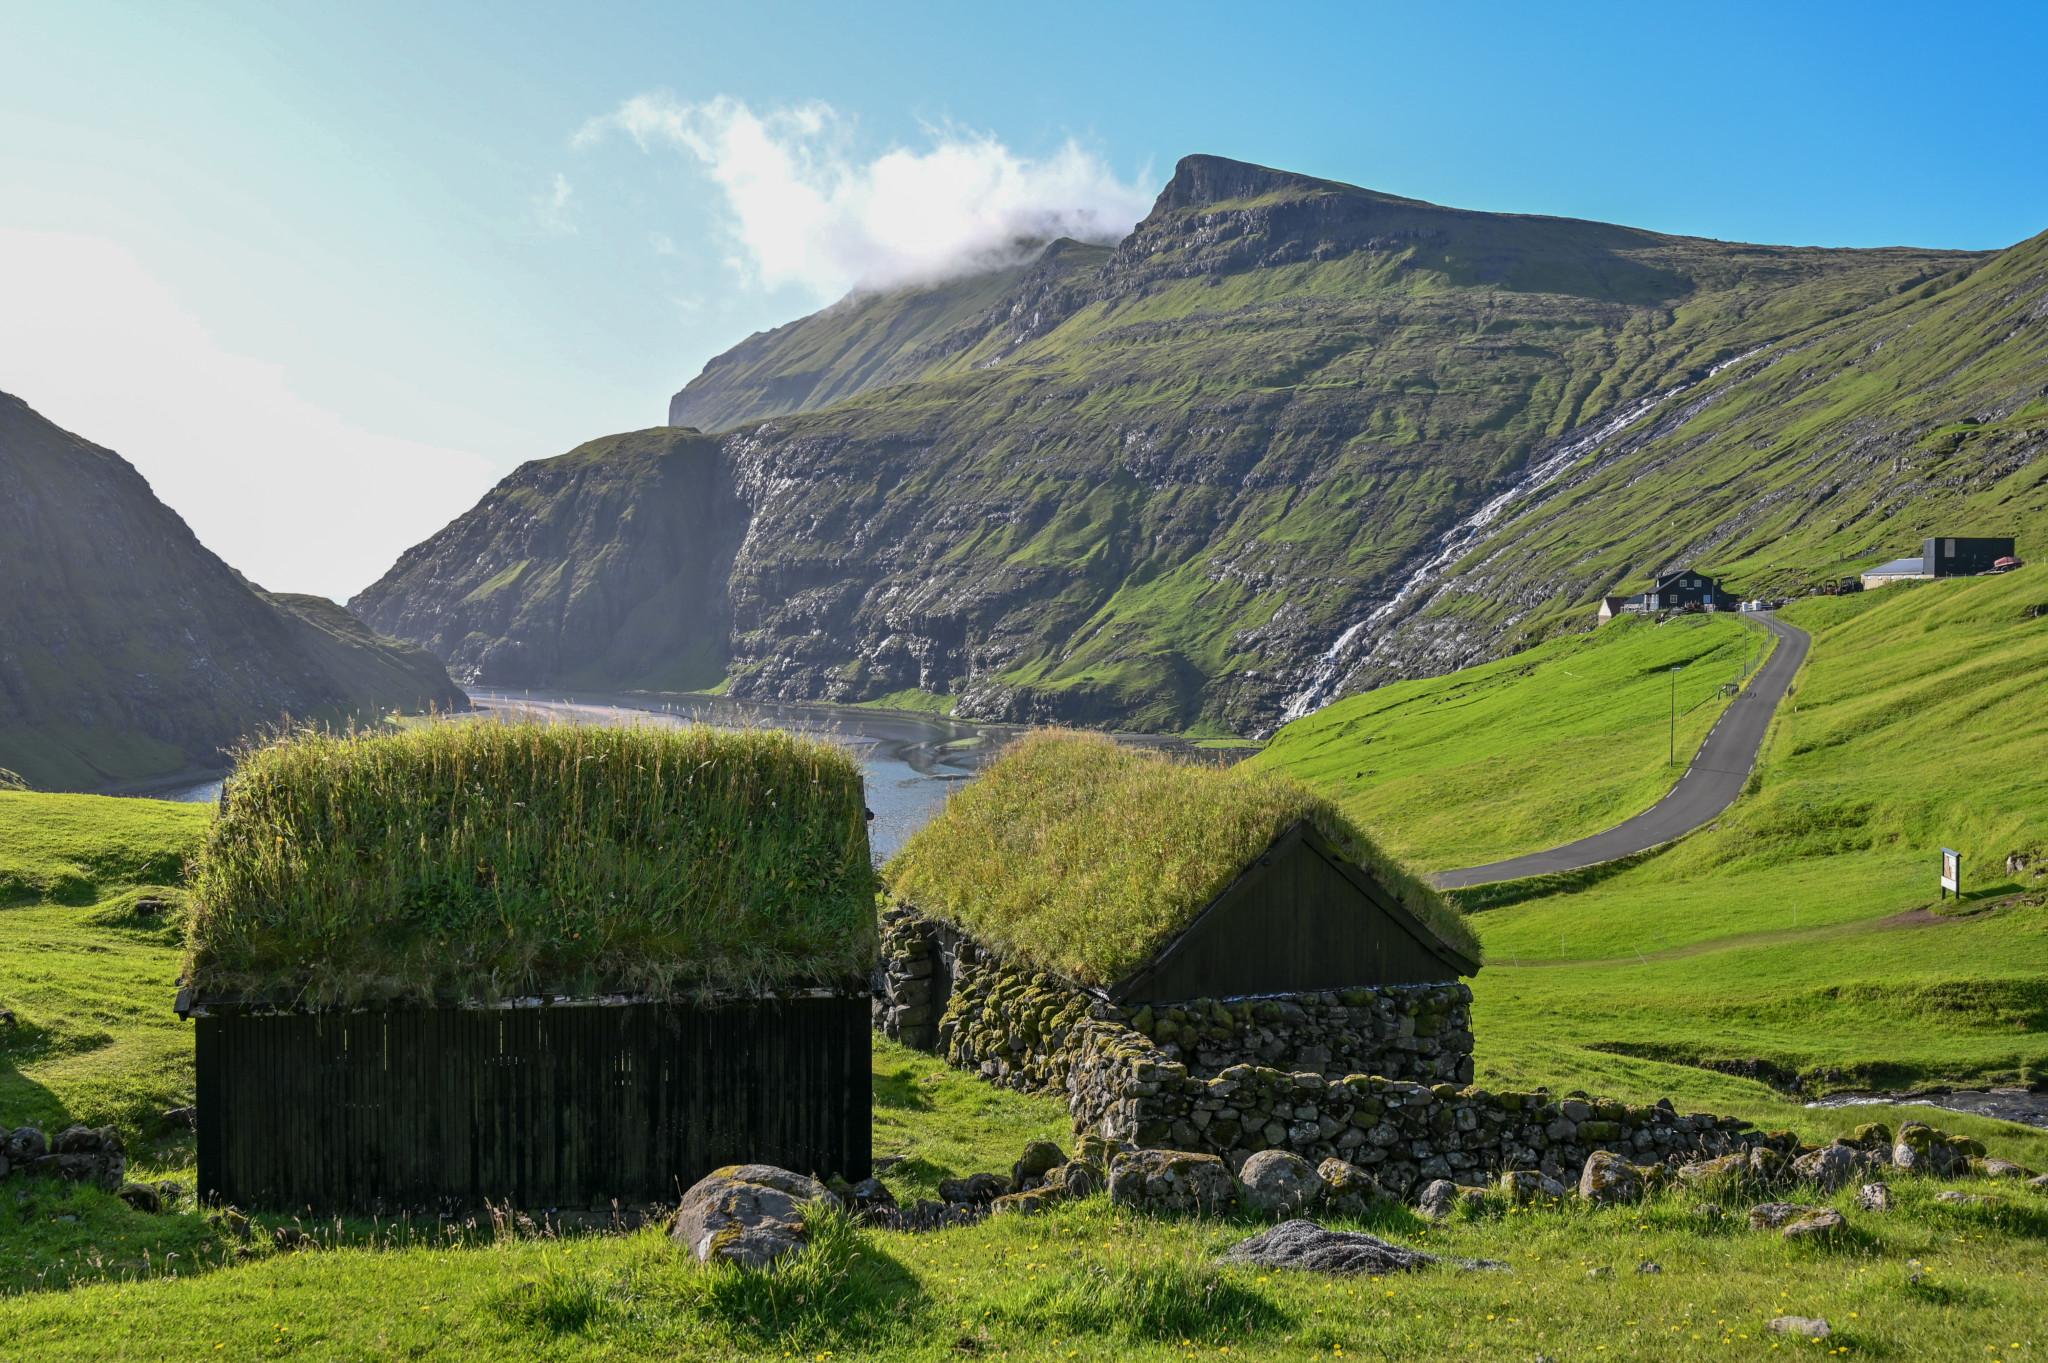 Die berühmten Häuser von Saksun dürfen im Färöer Inseln Urlaub nicht fehlen